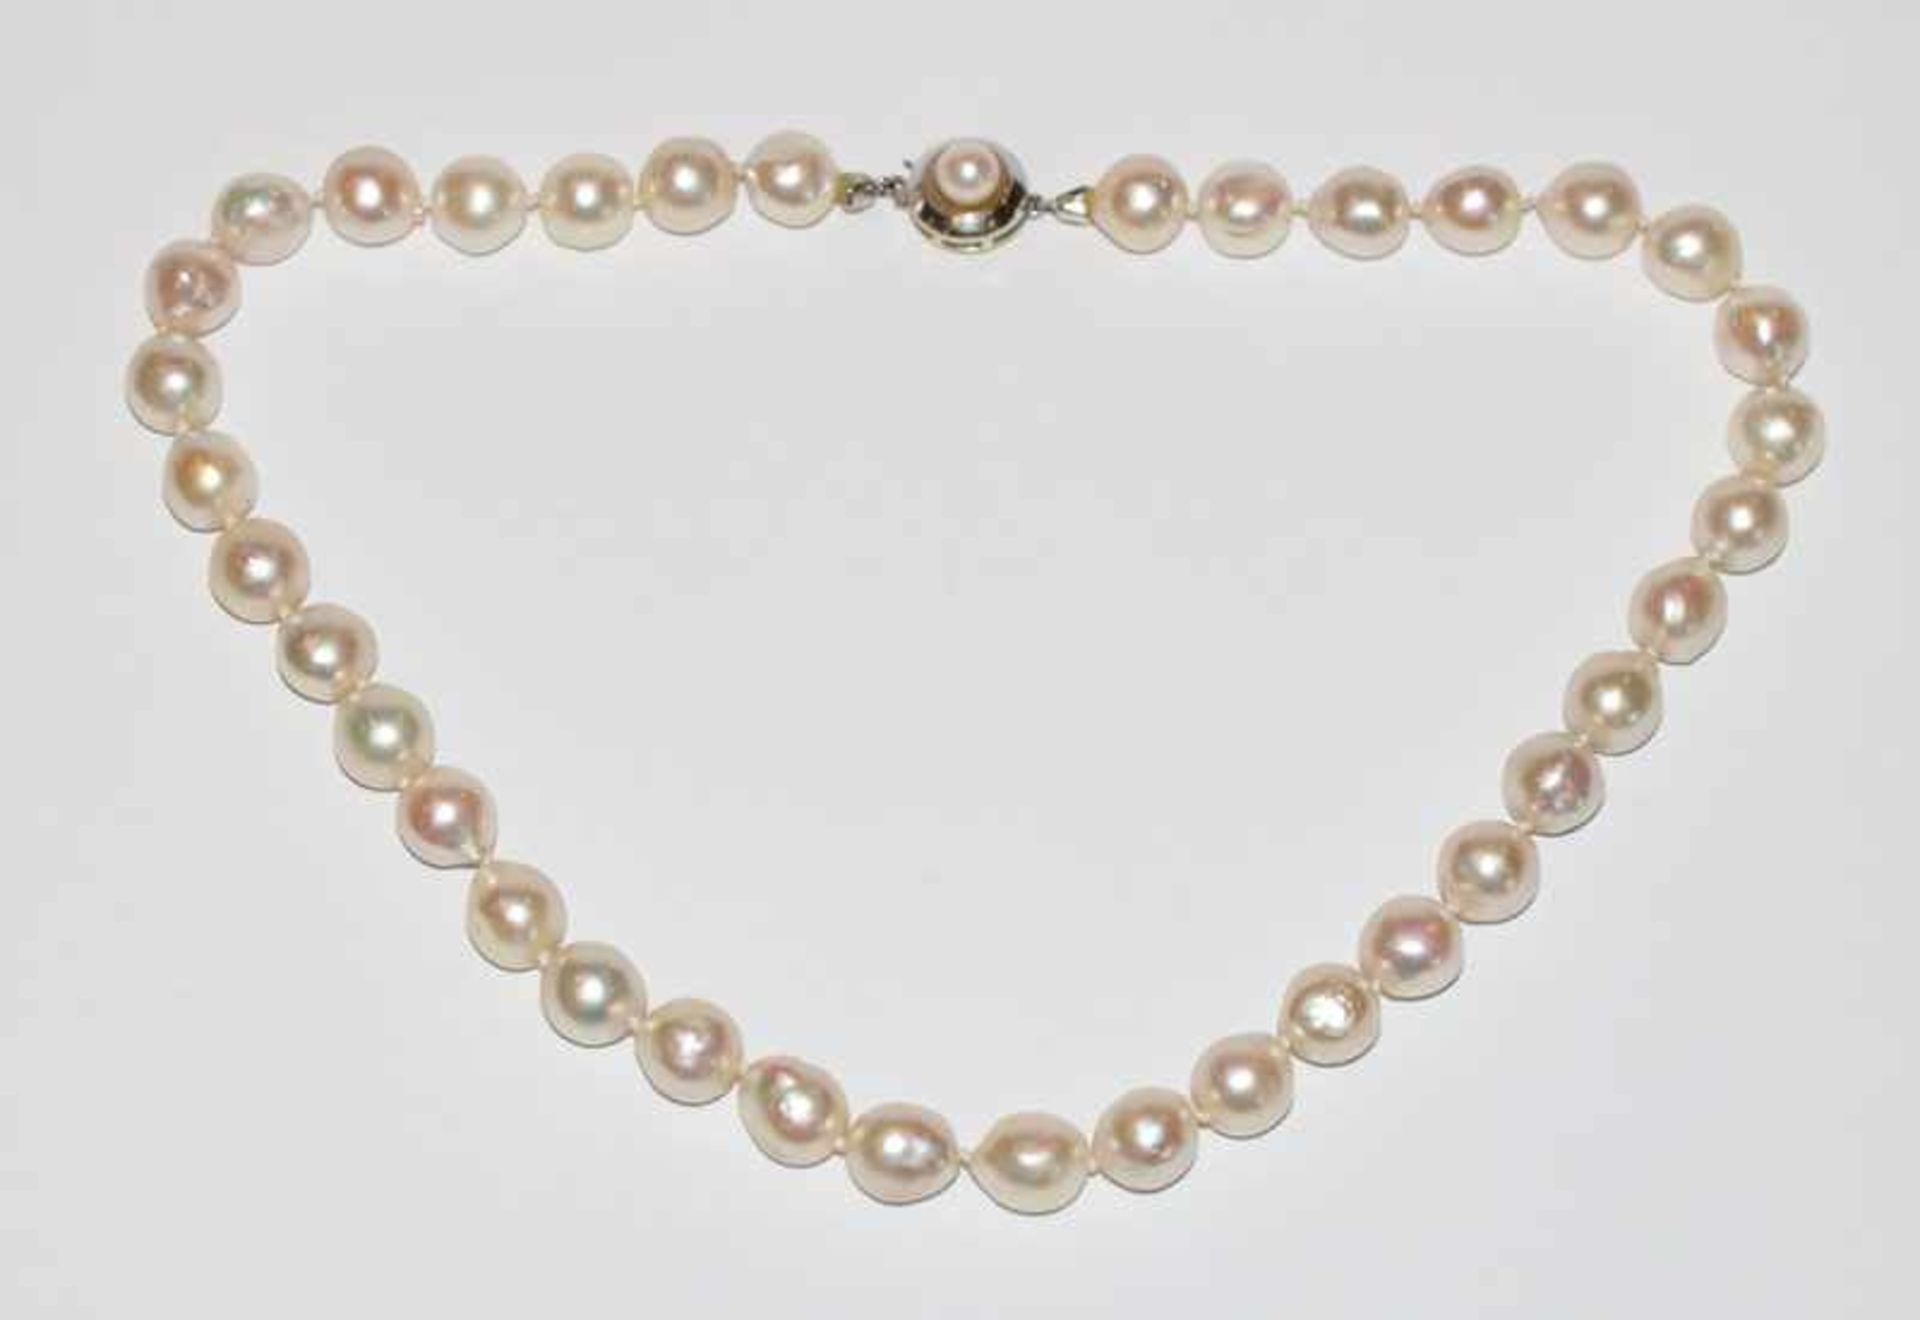 Perlenkette, Perlen 9/10 mm, 14 k Weißgold Schließe, L 38 cm